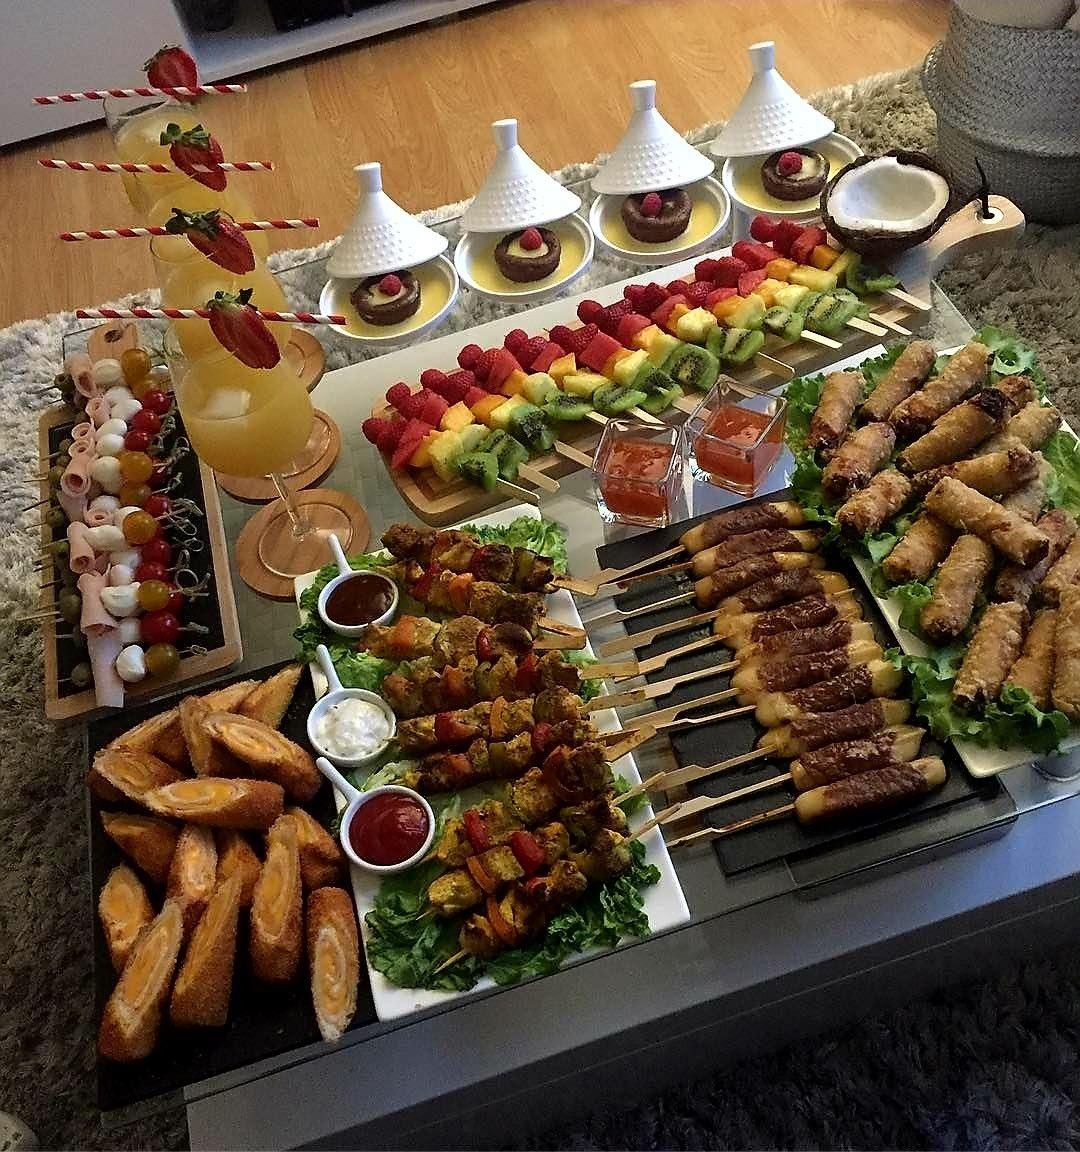 Idée Repas Marocain Kebab et salées | Recettes de cuisine, Cuisine marocaine, Repas